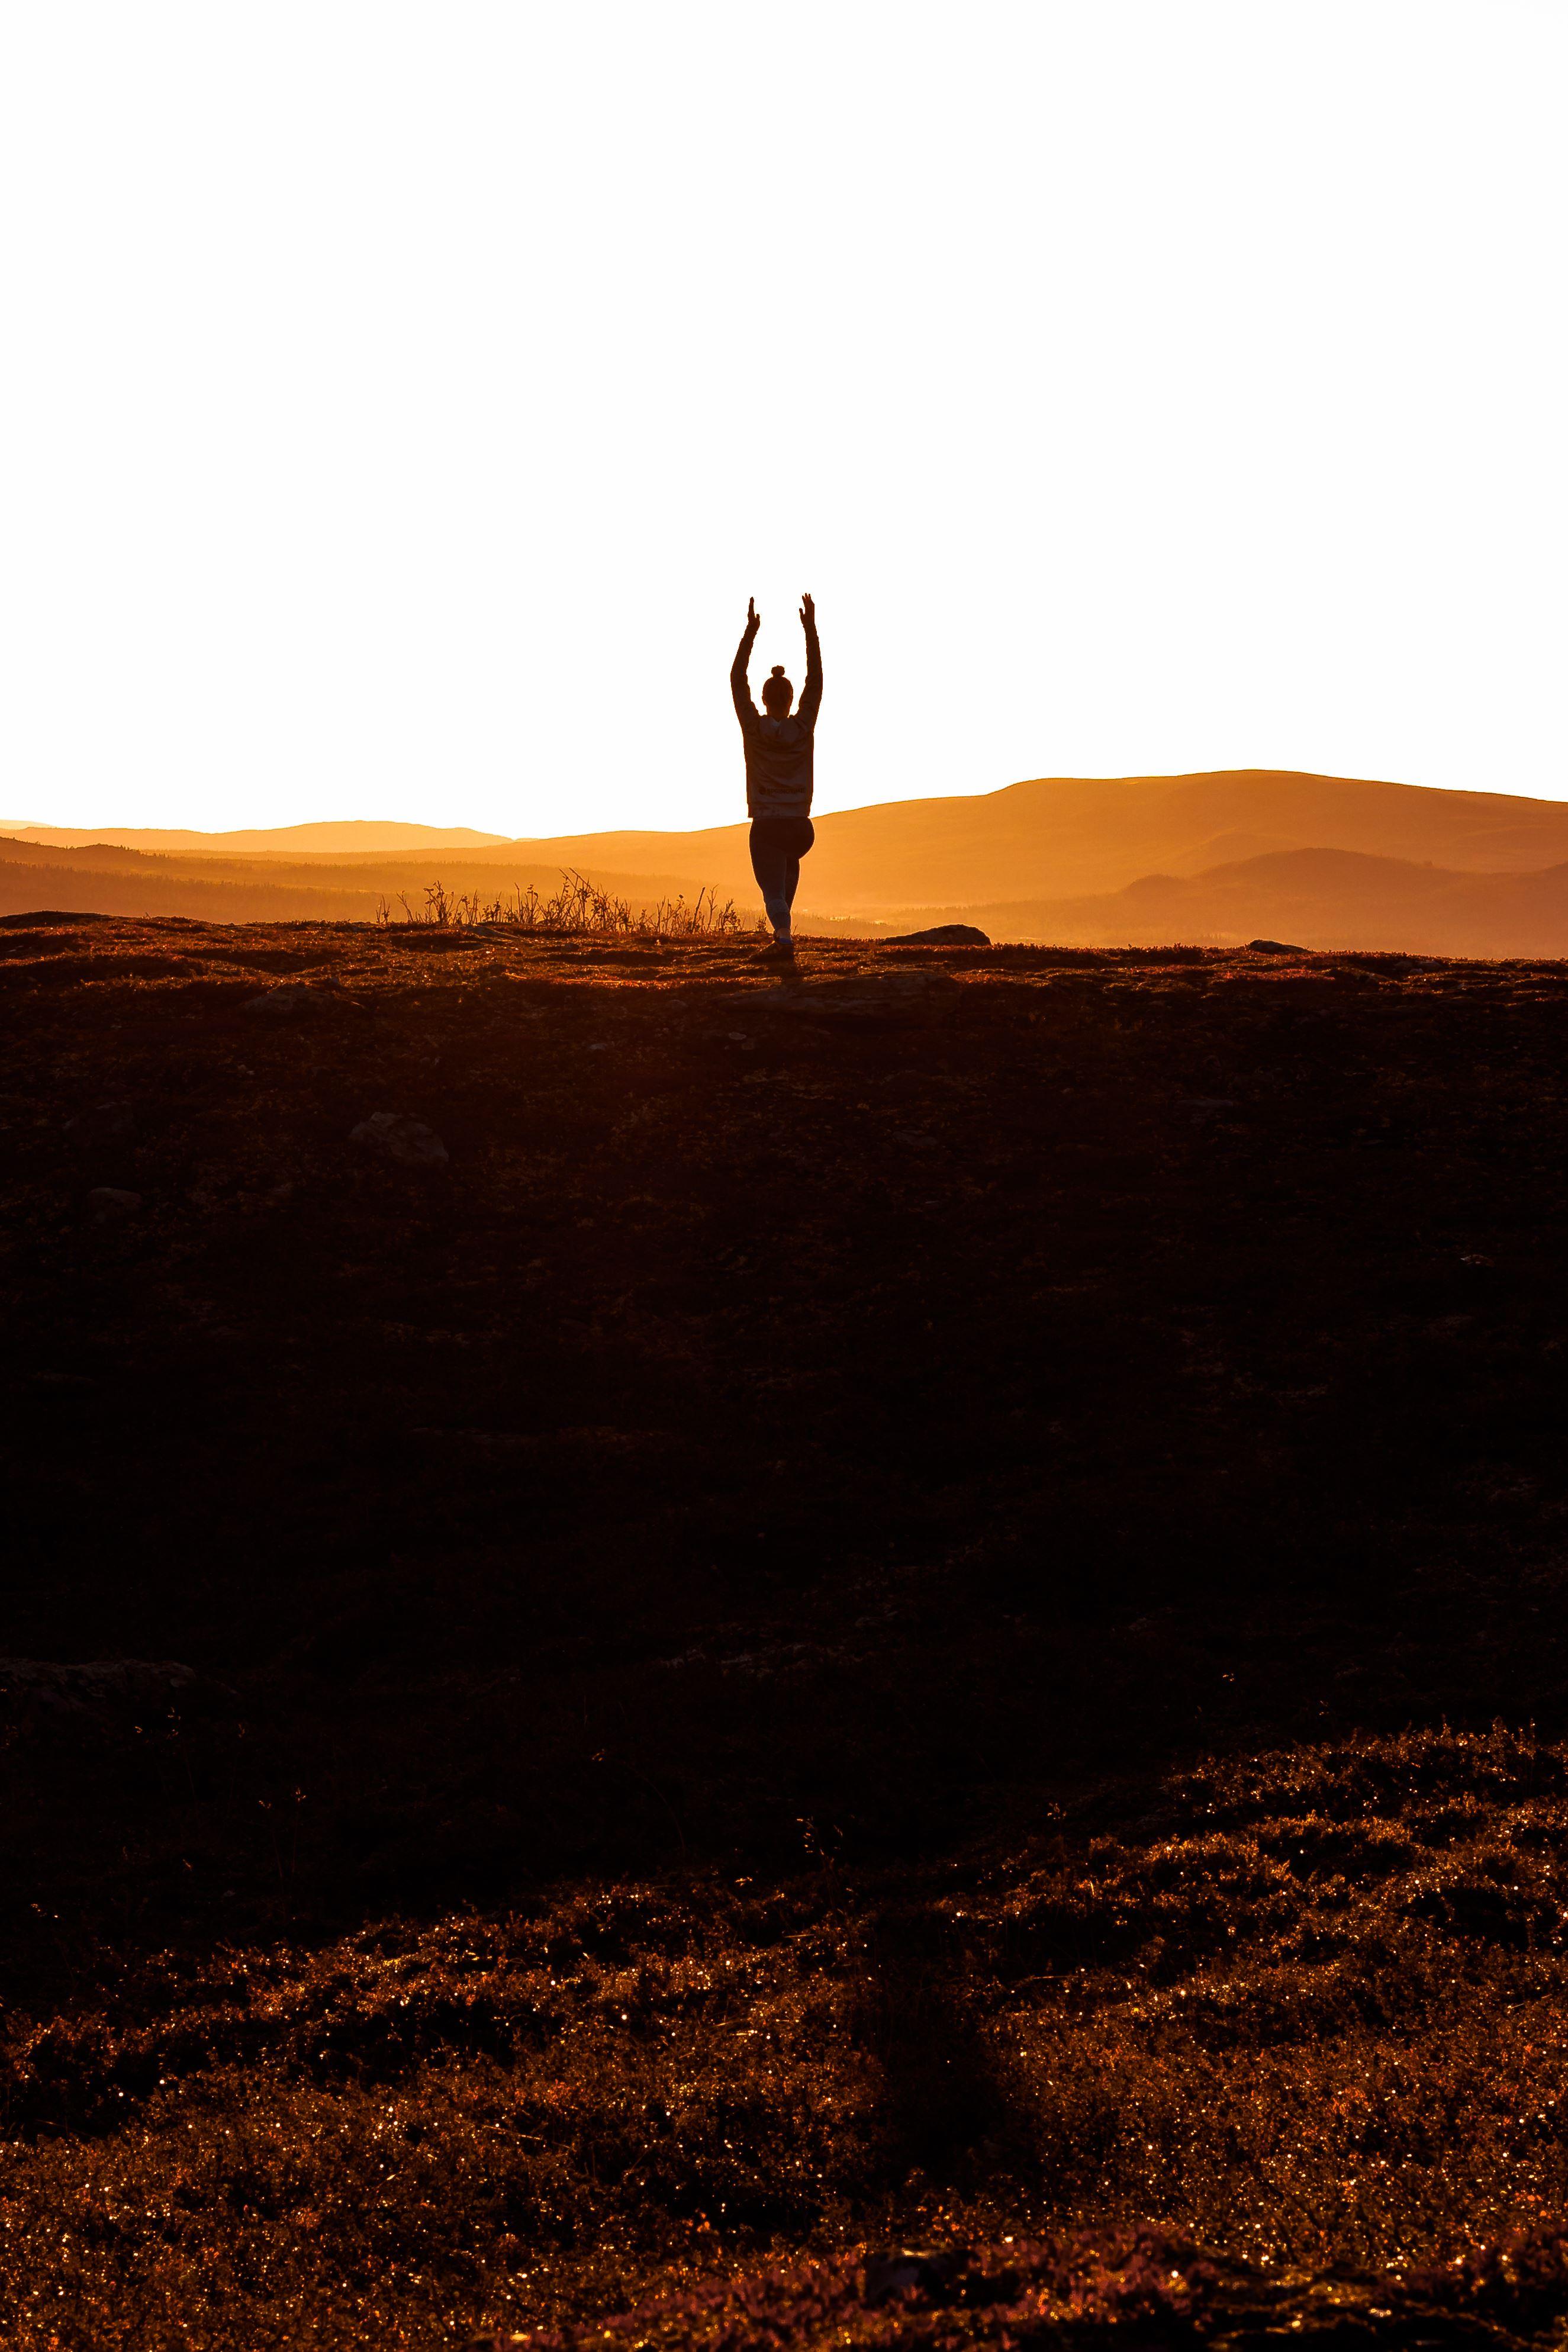 Bruksvallarna Vandring & Yoga 8-11 augusti